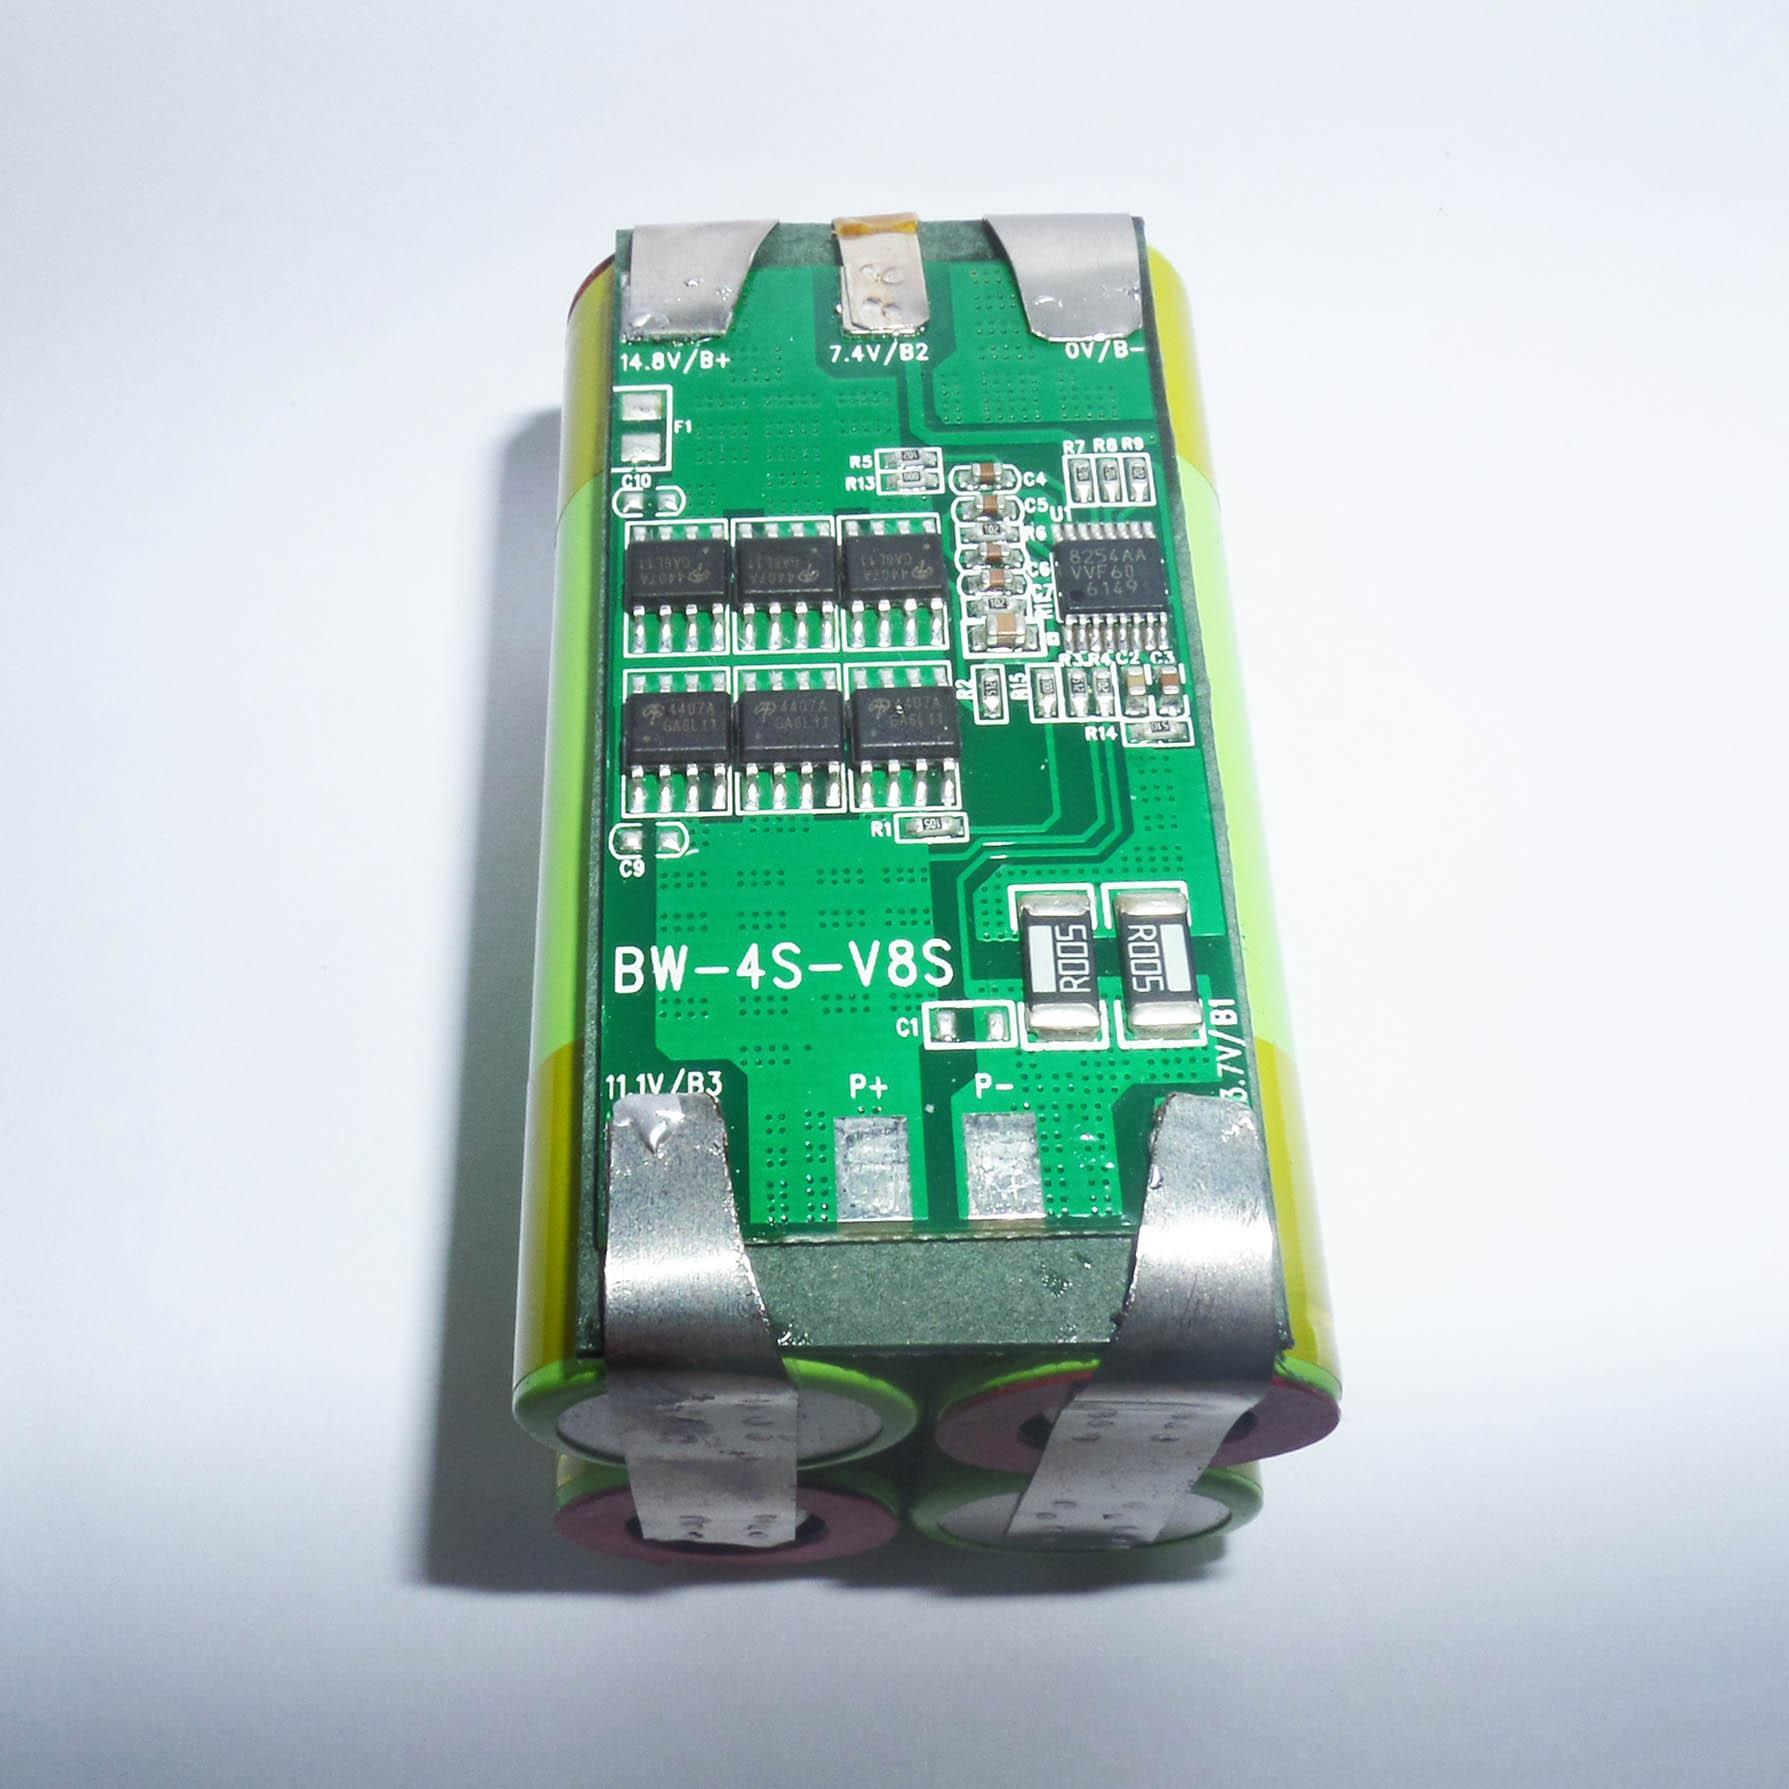 Pin 4S 14.4V-15A -  Dung lượng 2000mAh - Chuyên dùng cho thiết bị điện tử, Robot, Máy hút bụi...